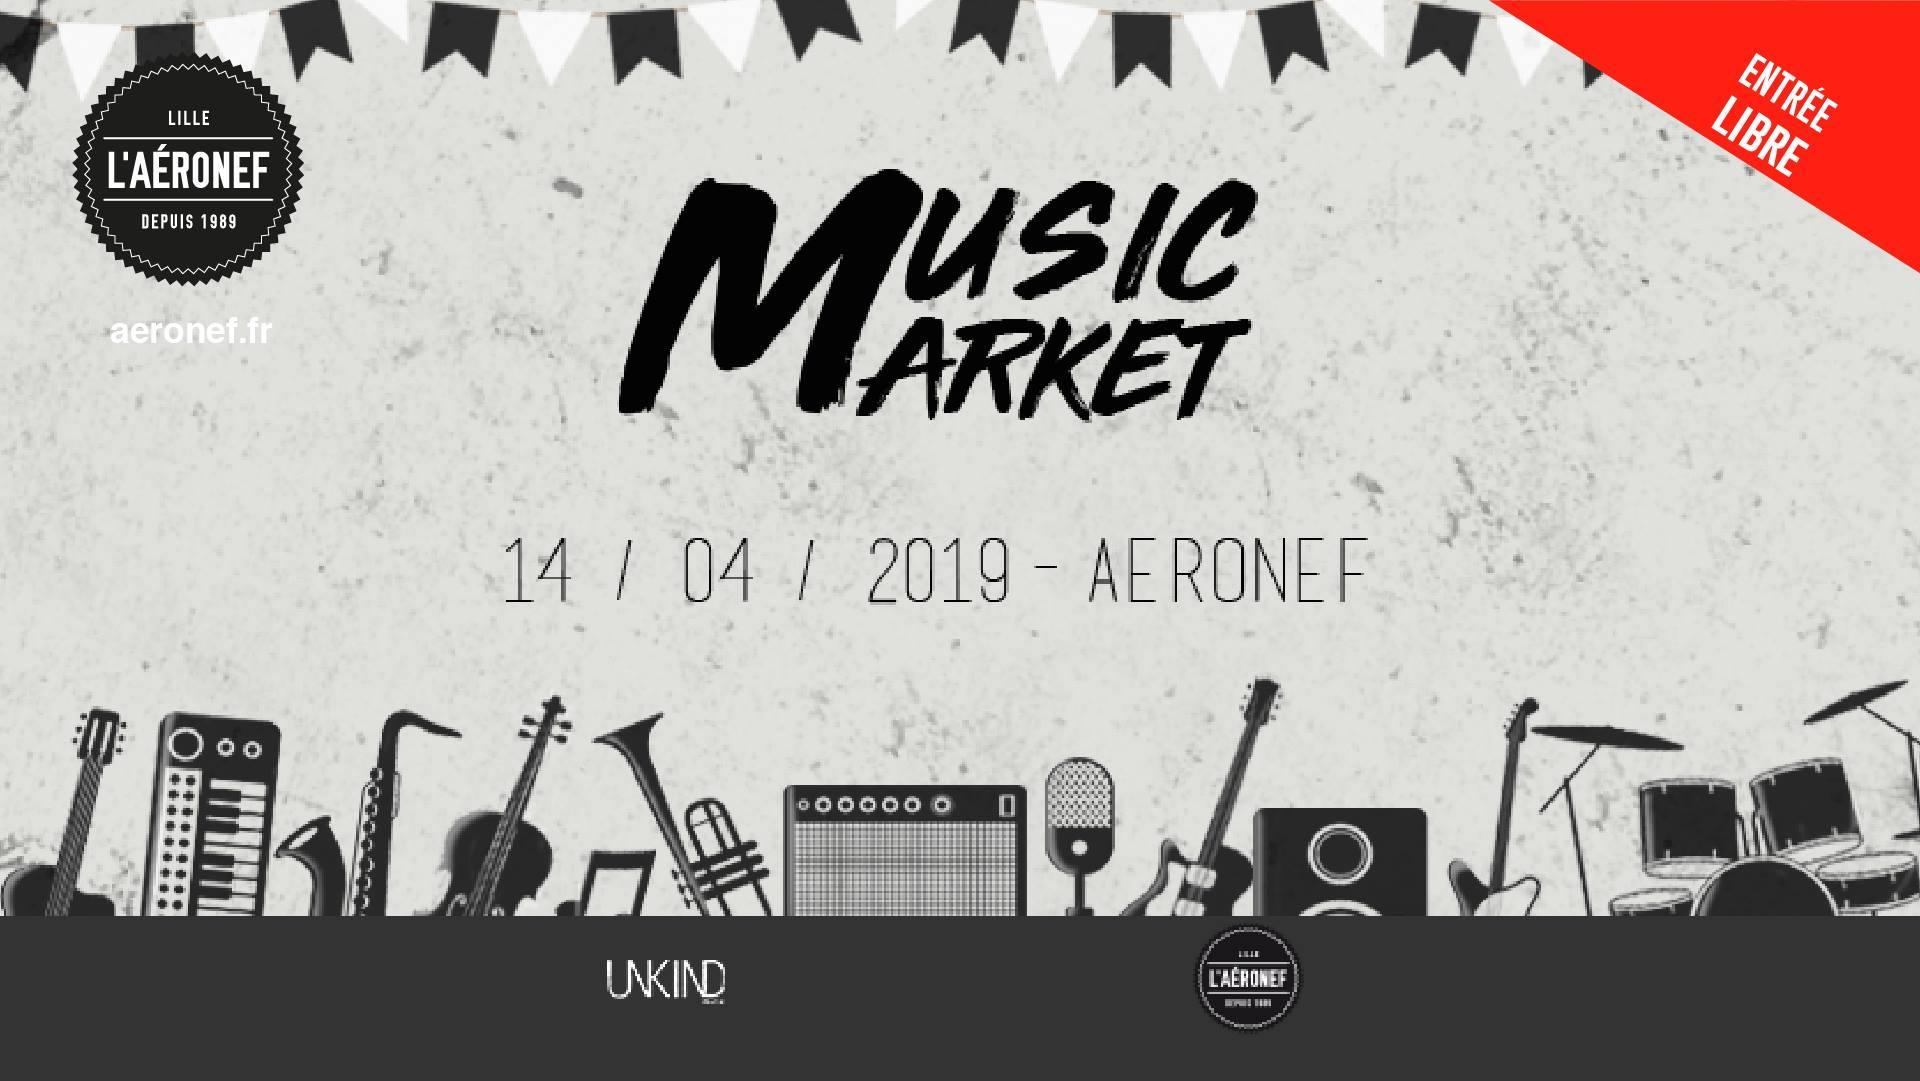 Unkind music market à l'Aéronef